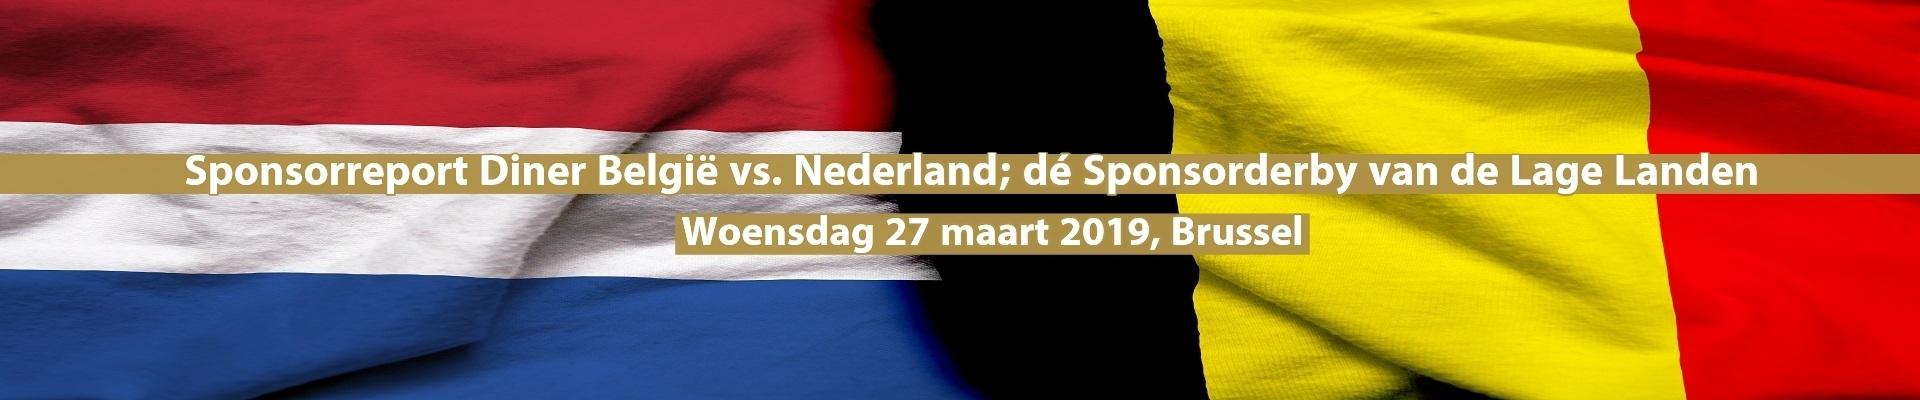 Sponsorreport Diner België vs. Nederland; dé Sponsorderby van de Lage Landen